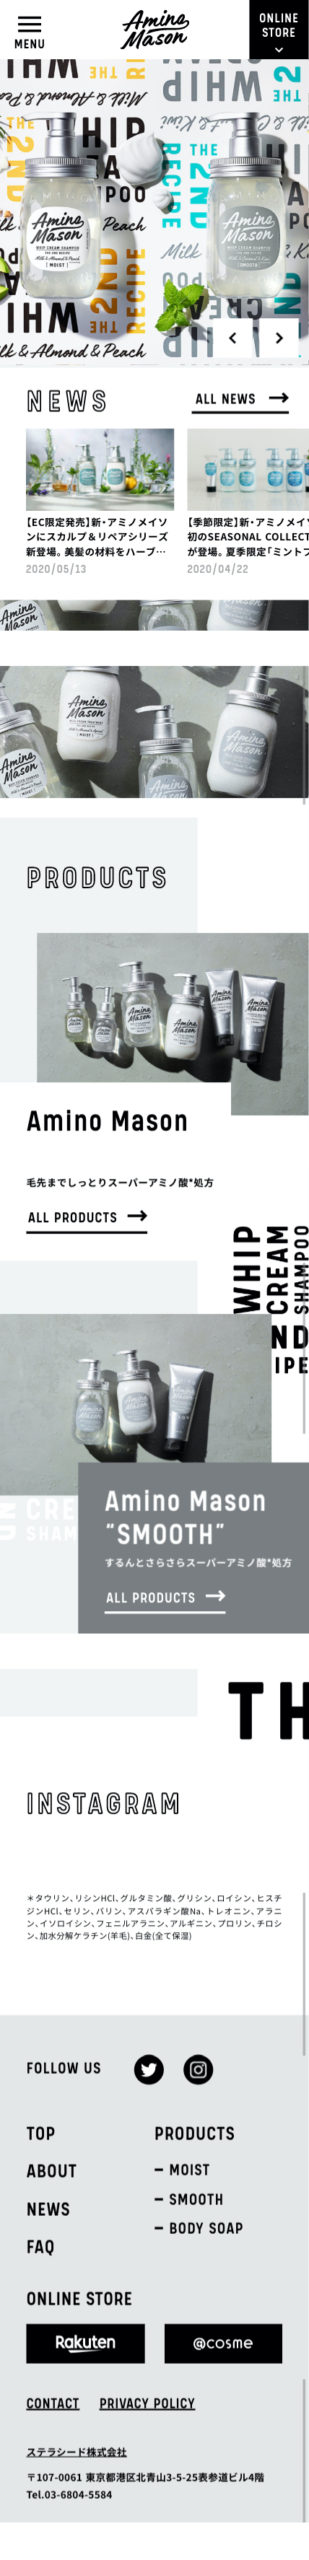 aminomason-smp